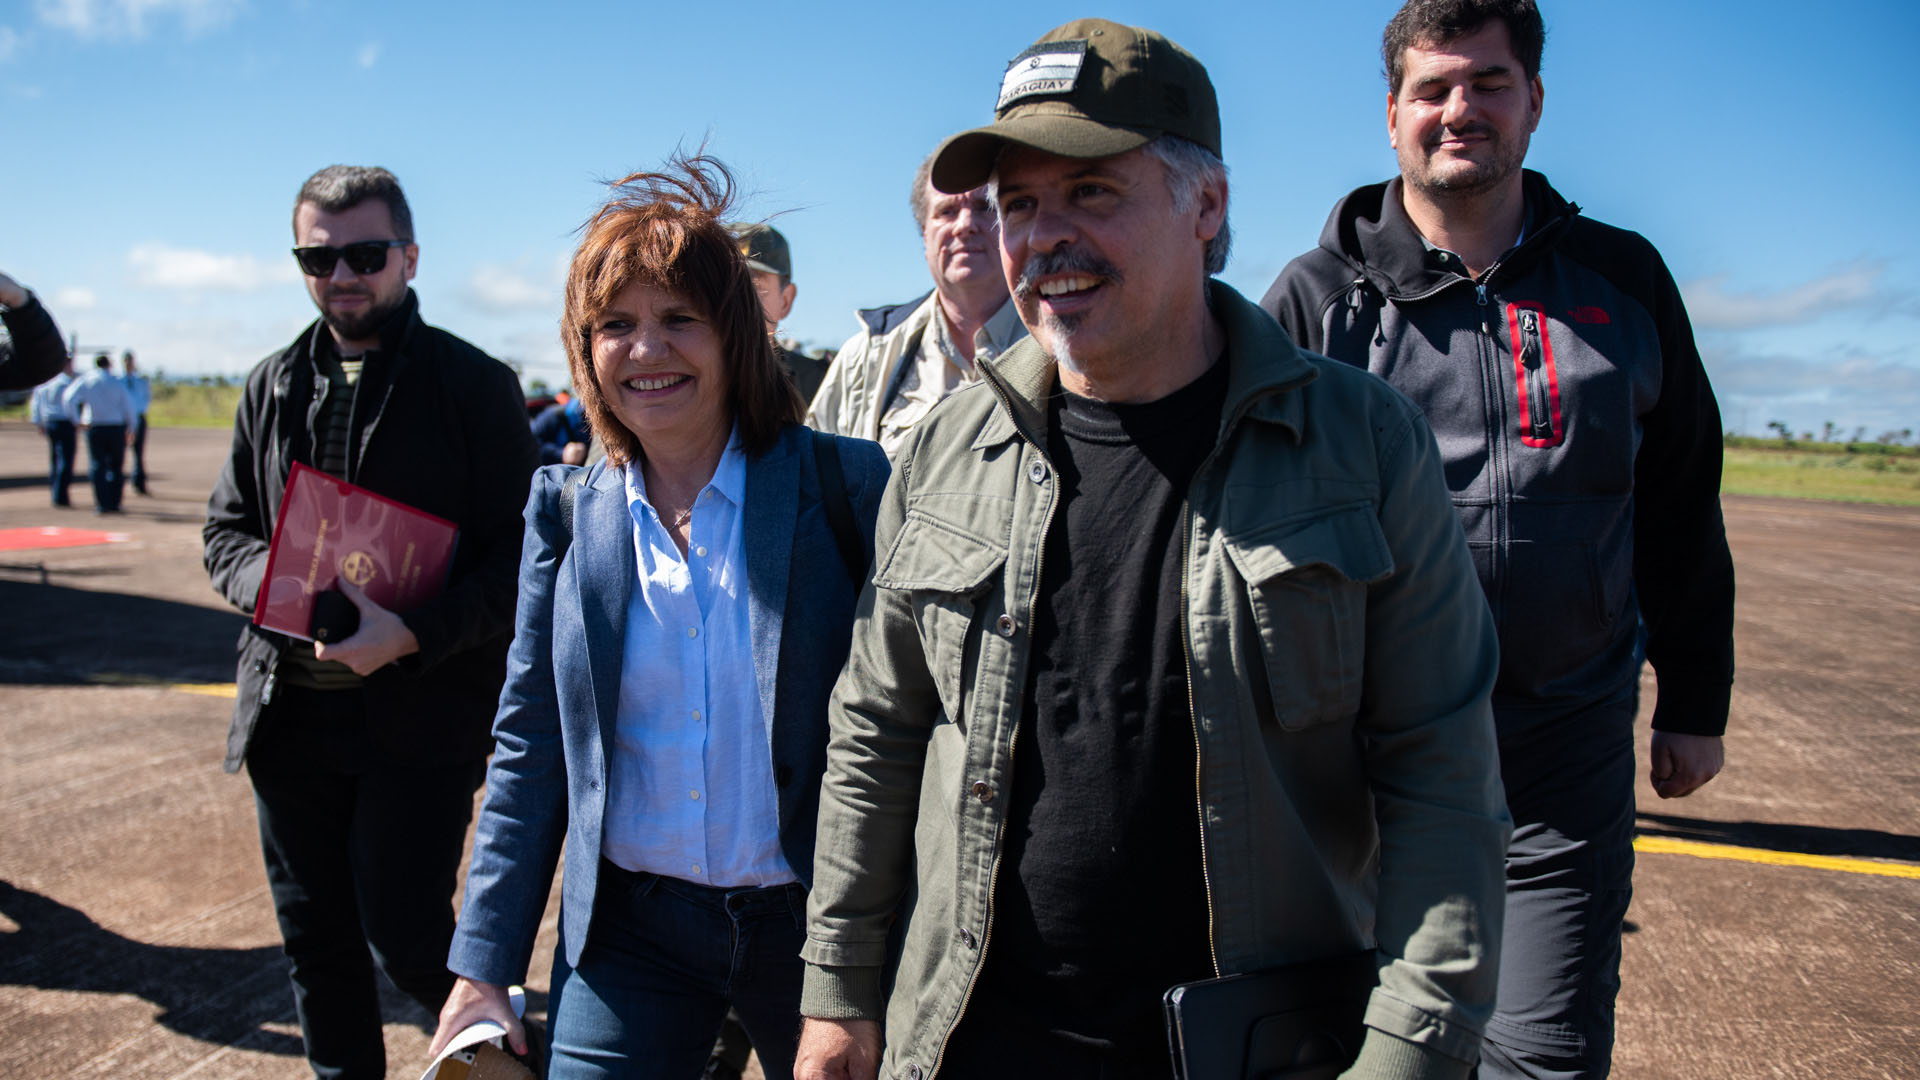 Colaboración internacional: el hombre al frente es Arnaldo Giuzzo, cabeza de la SENAD, el área antidrogas de Paraguay.